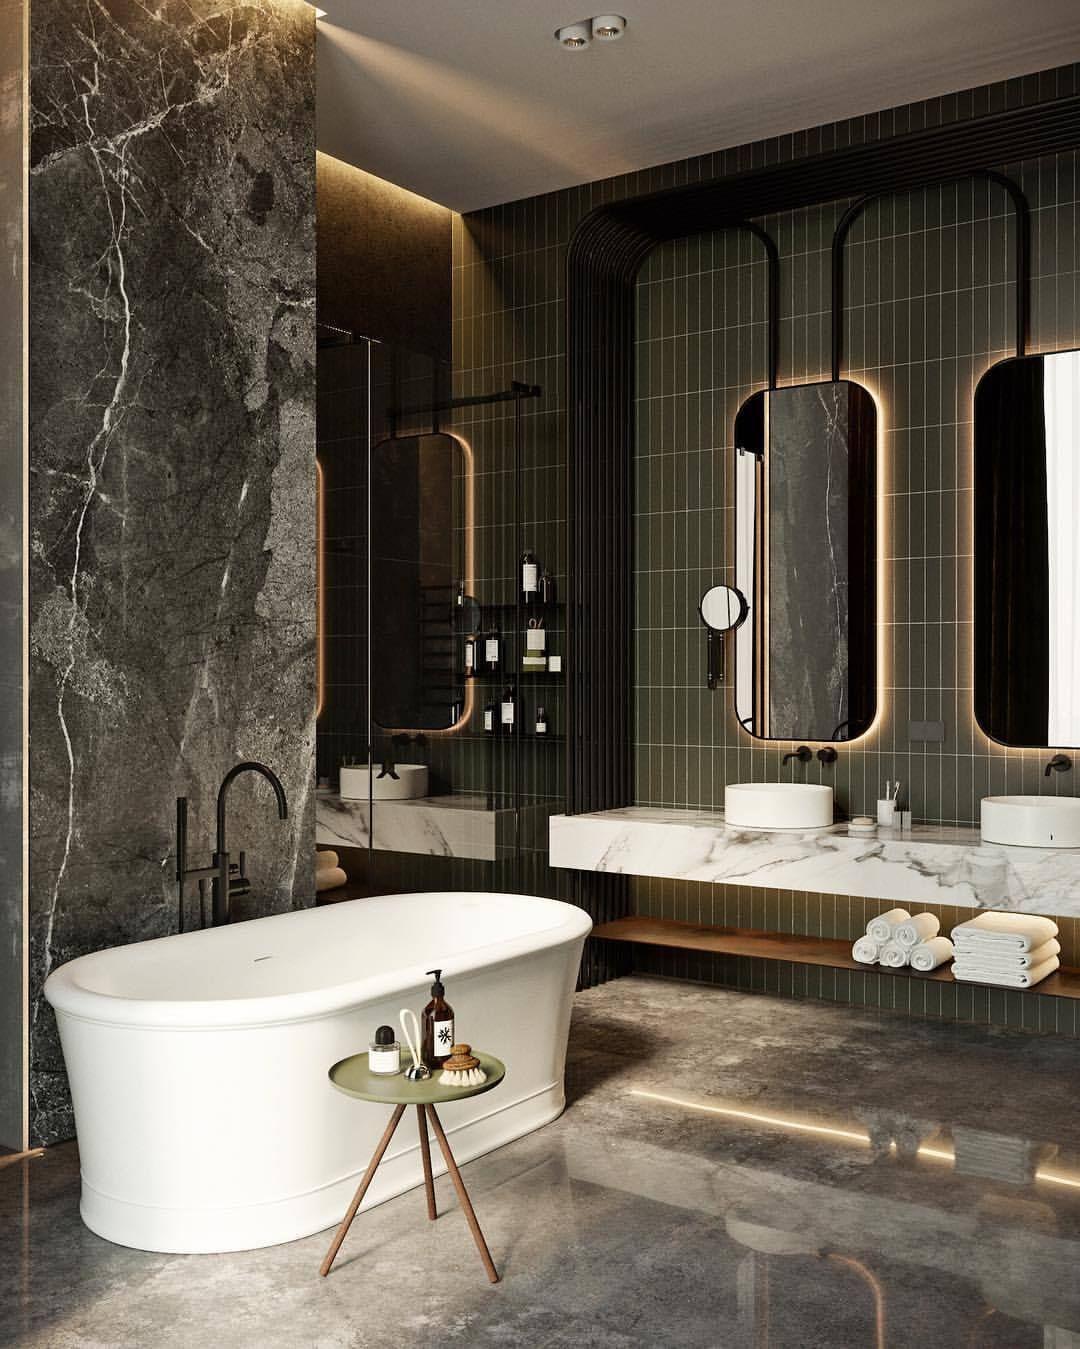 Badezimmer ideen schwarz pin von densch u schmidt auf bad  pinterest  badezimmer bad und baden